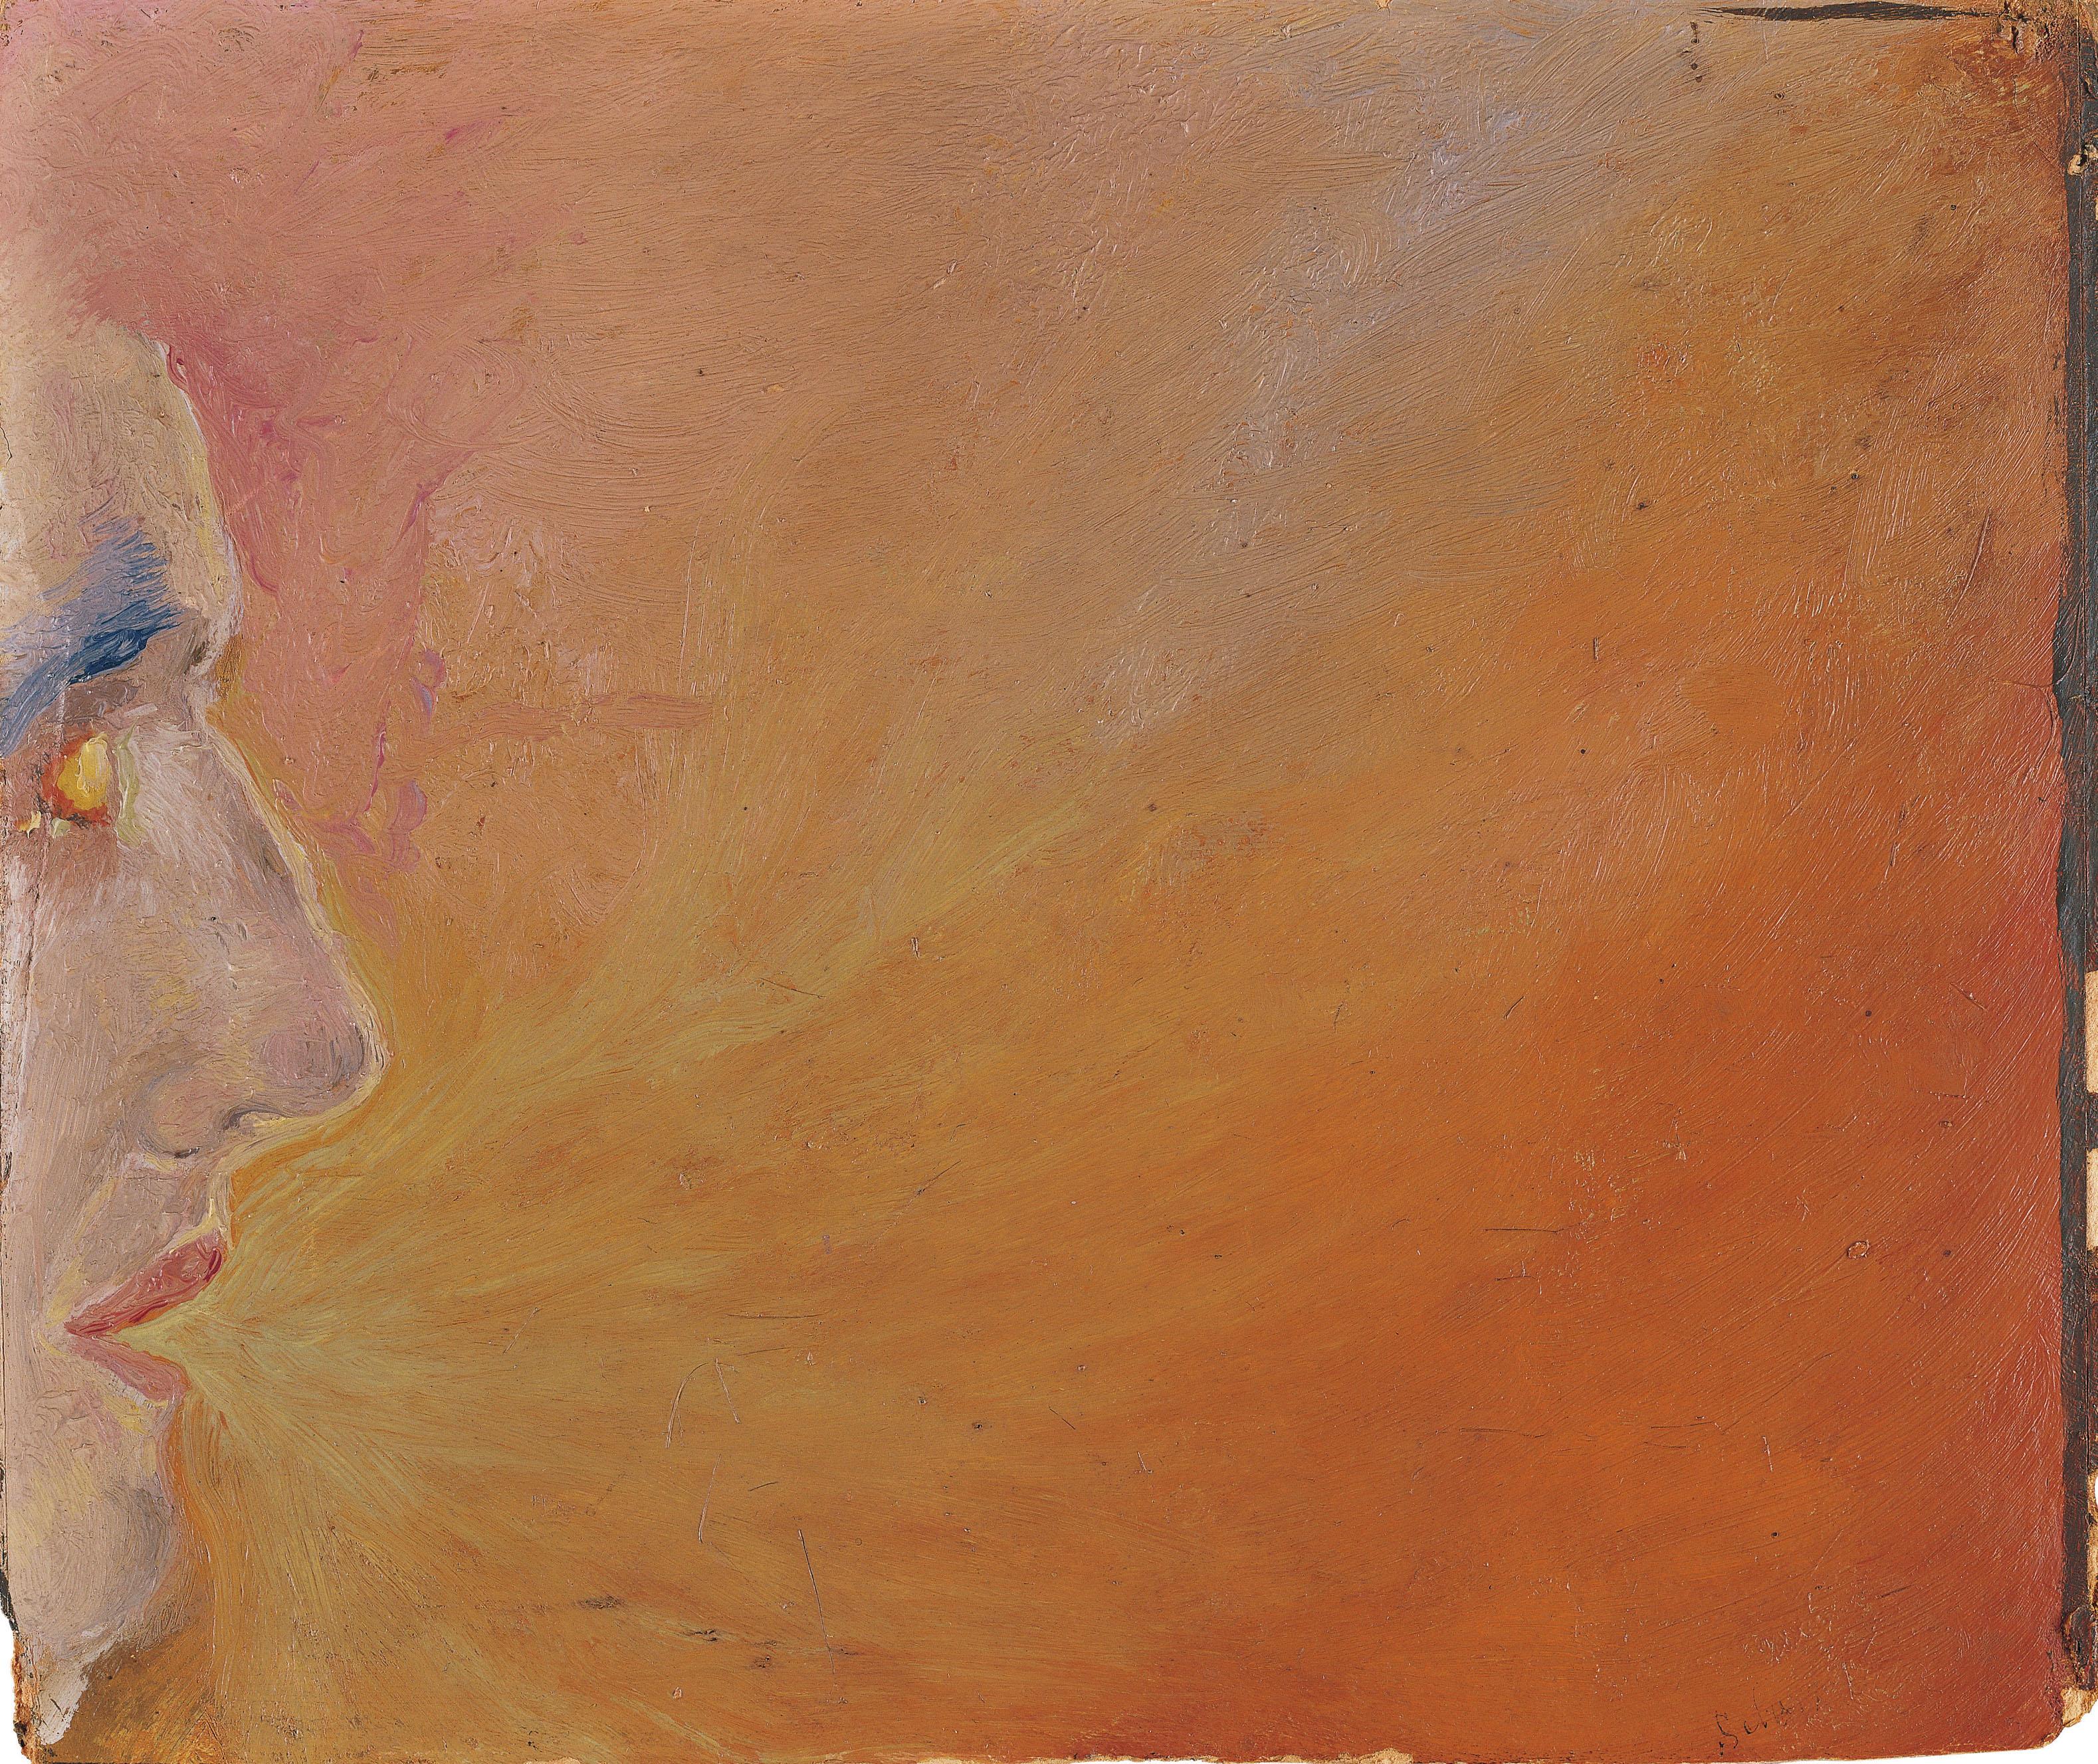 Kandinsky→Cage: Musica e Spirituale nell'Arte